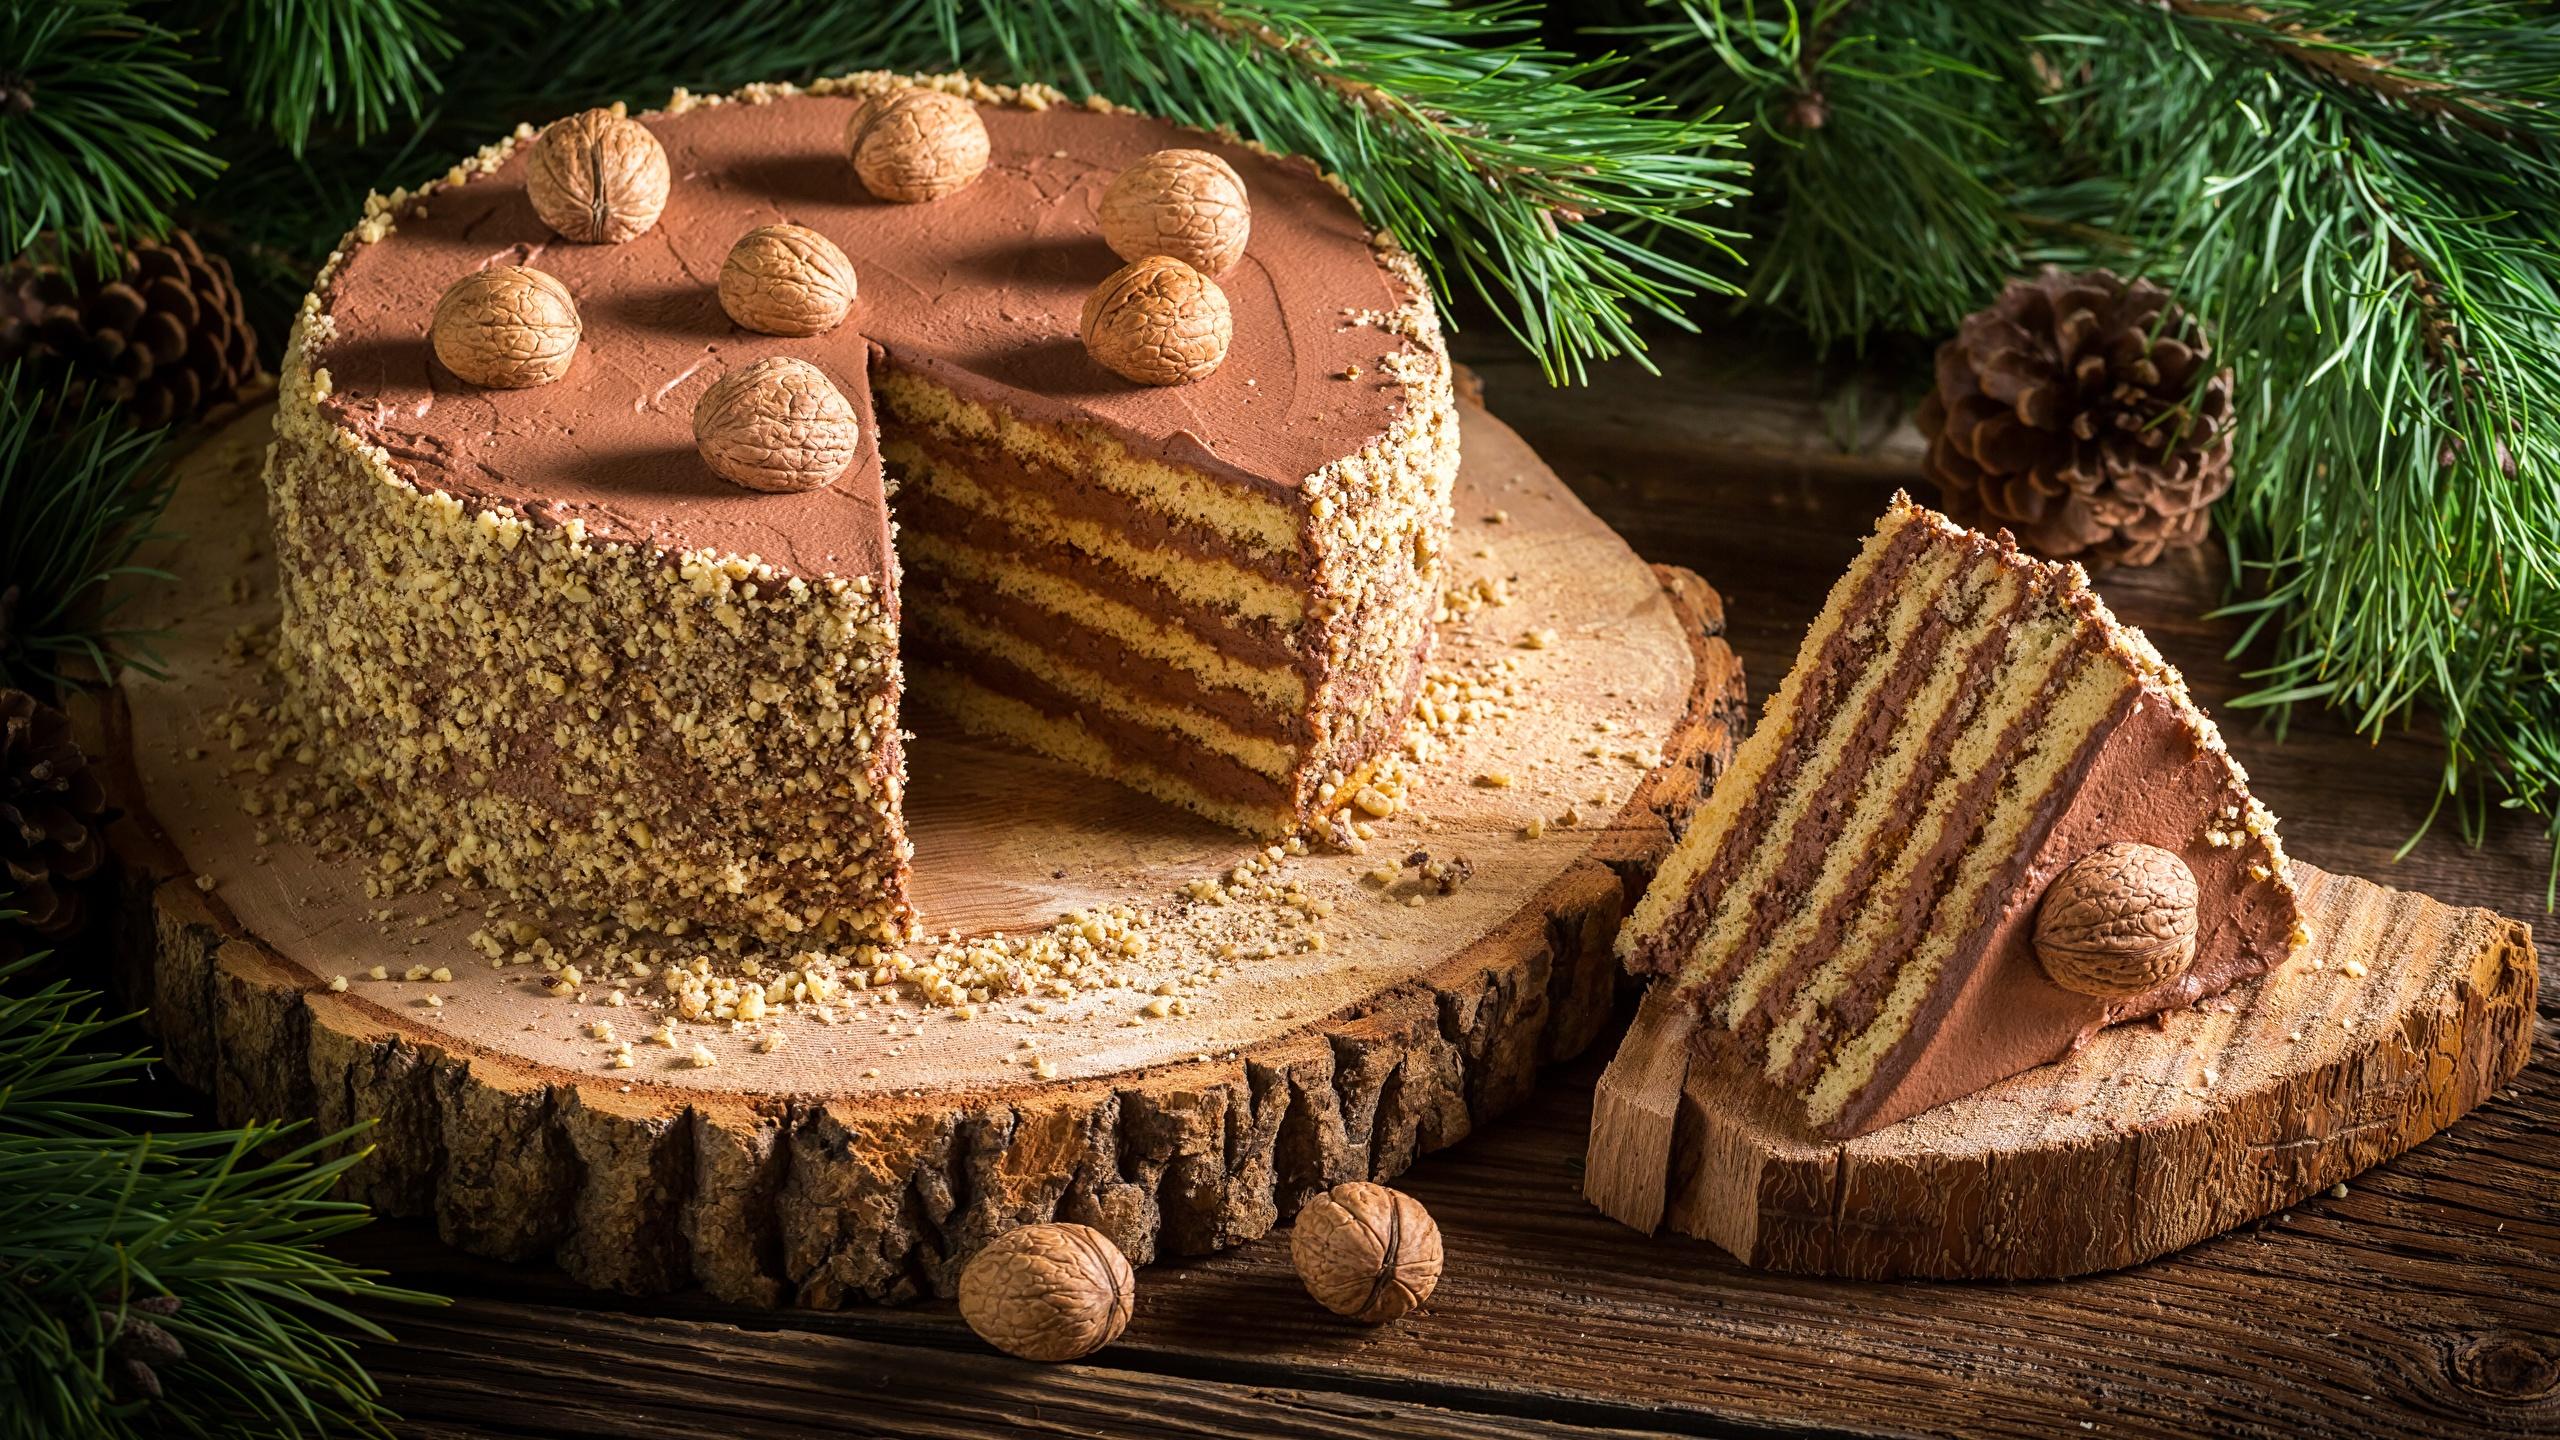 Обои для рабочего стола Новый год Торты кусочки Продукты питания Орехи 2560x1440 Рождество часть Кусок кусочек Еда Пища